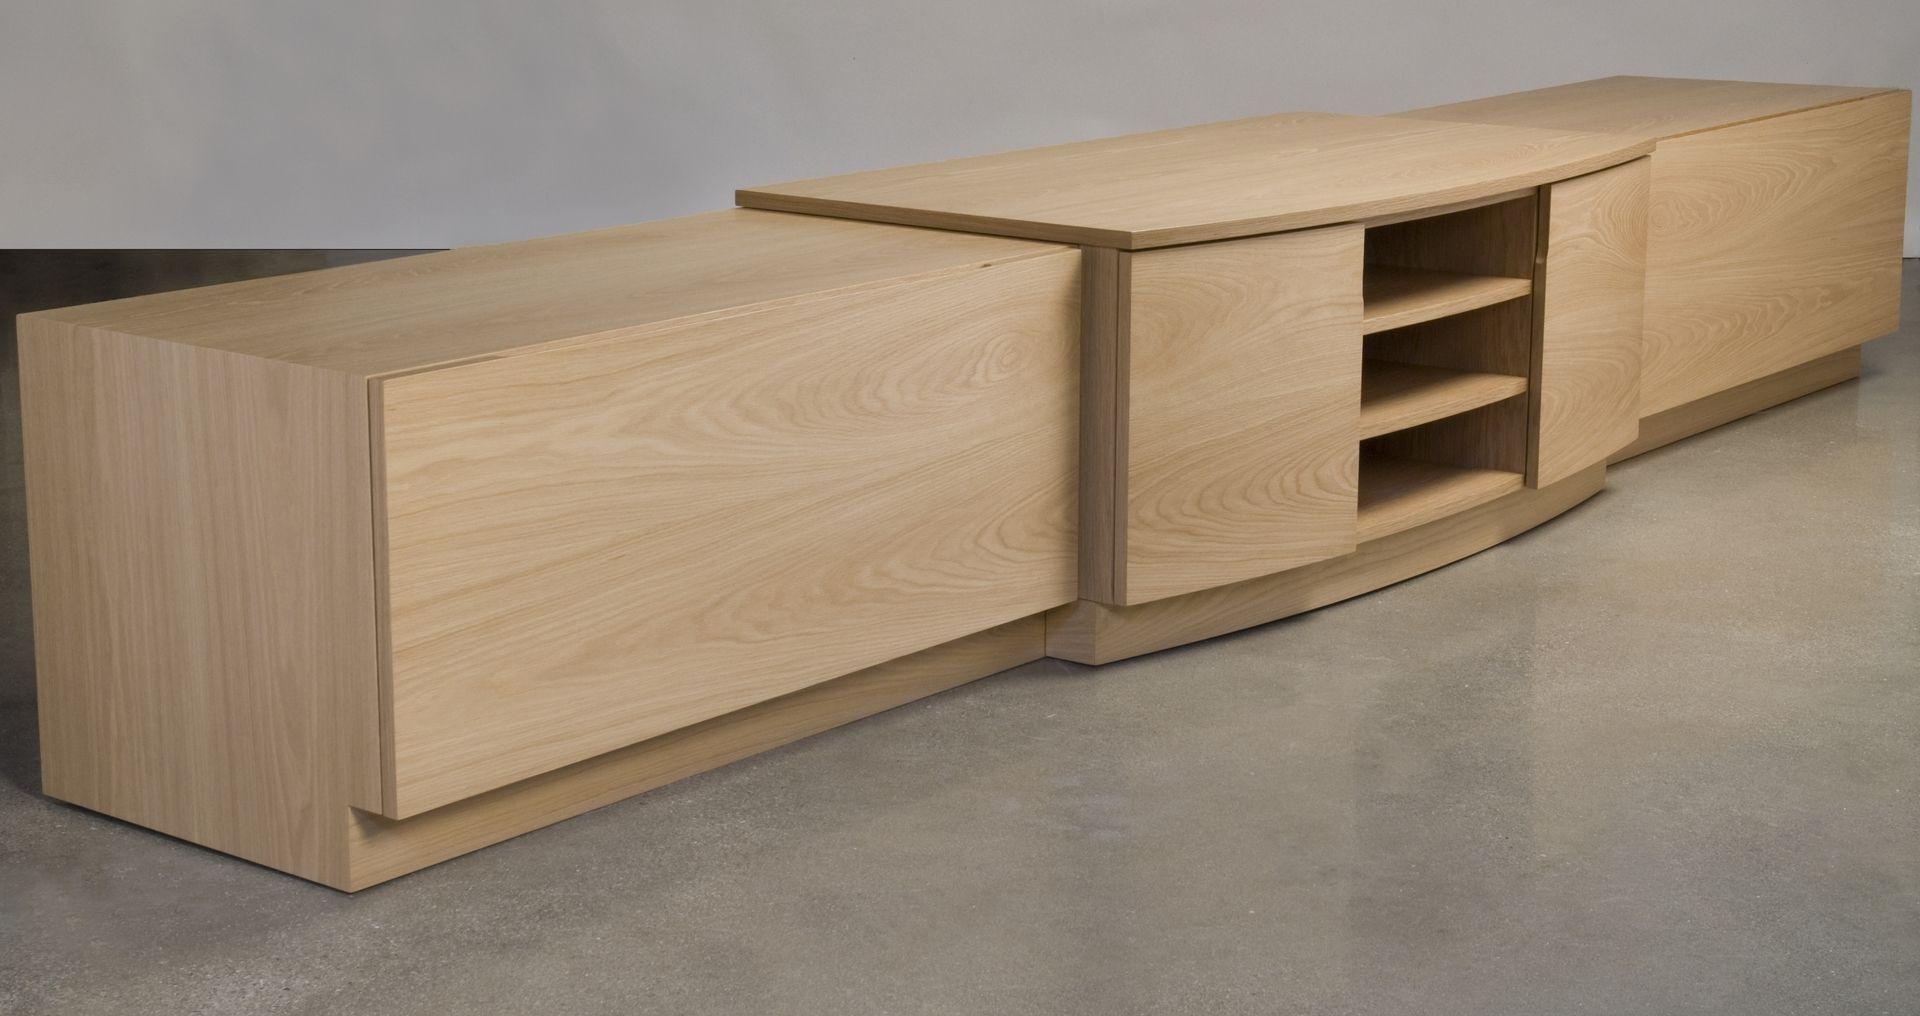 Custom made mobile white oak audio video credenza by eben blaney fine furniture - Mobile credenza ...